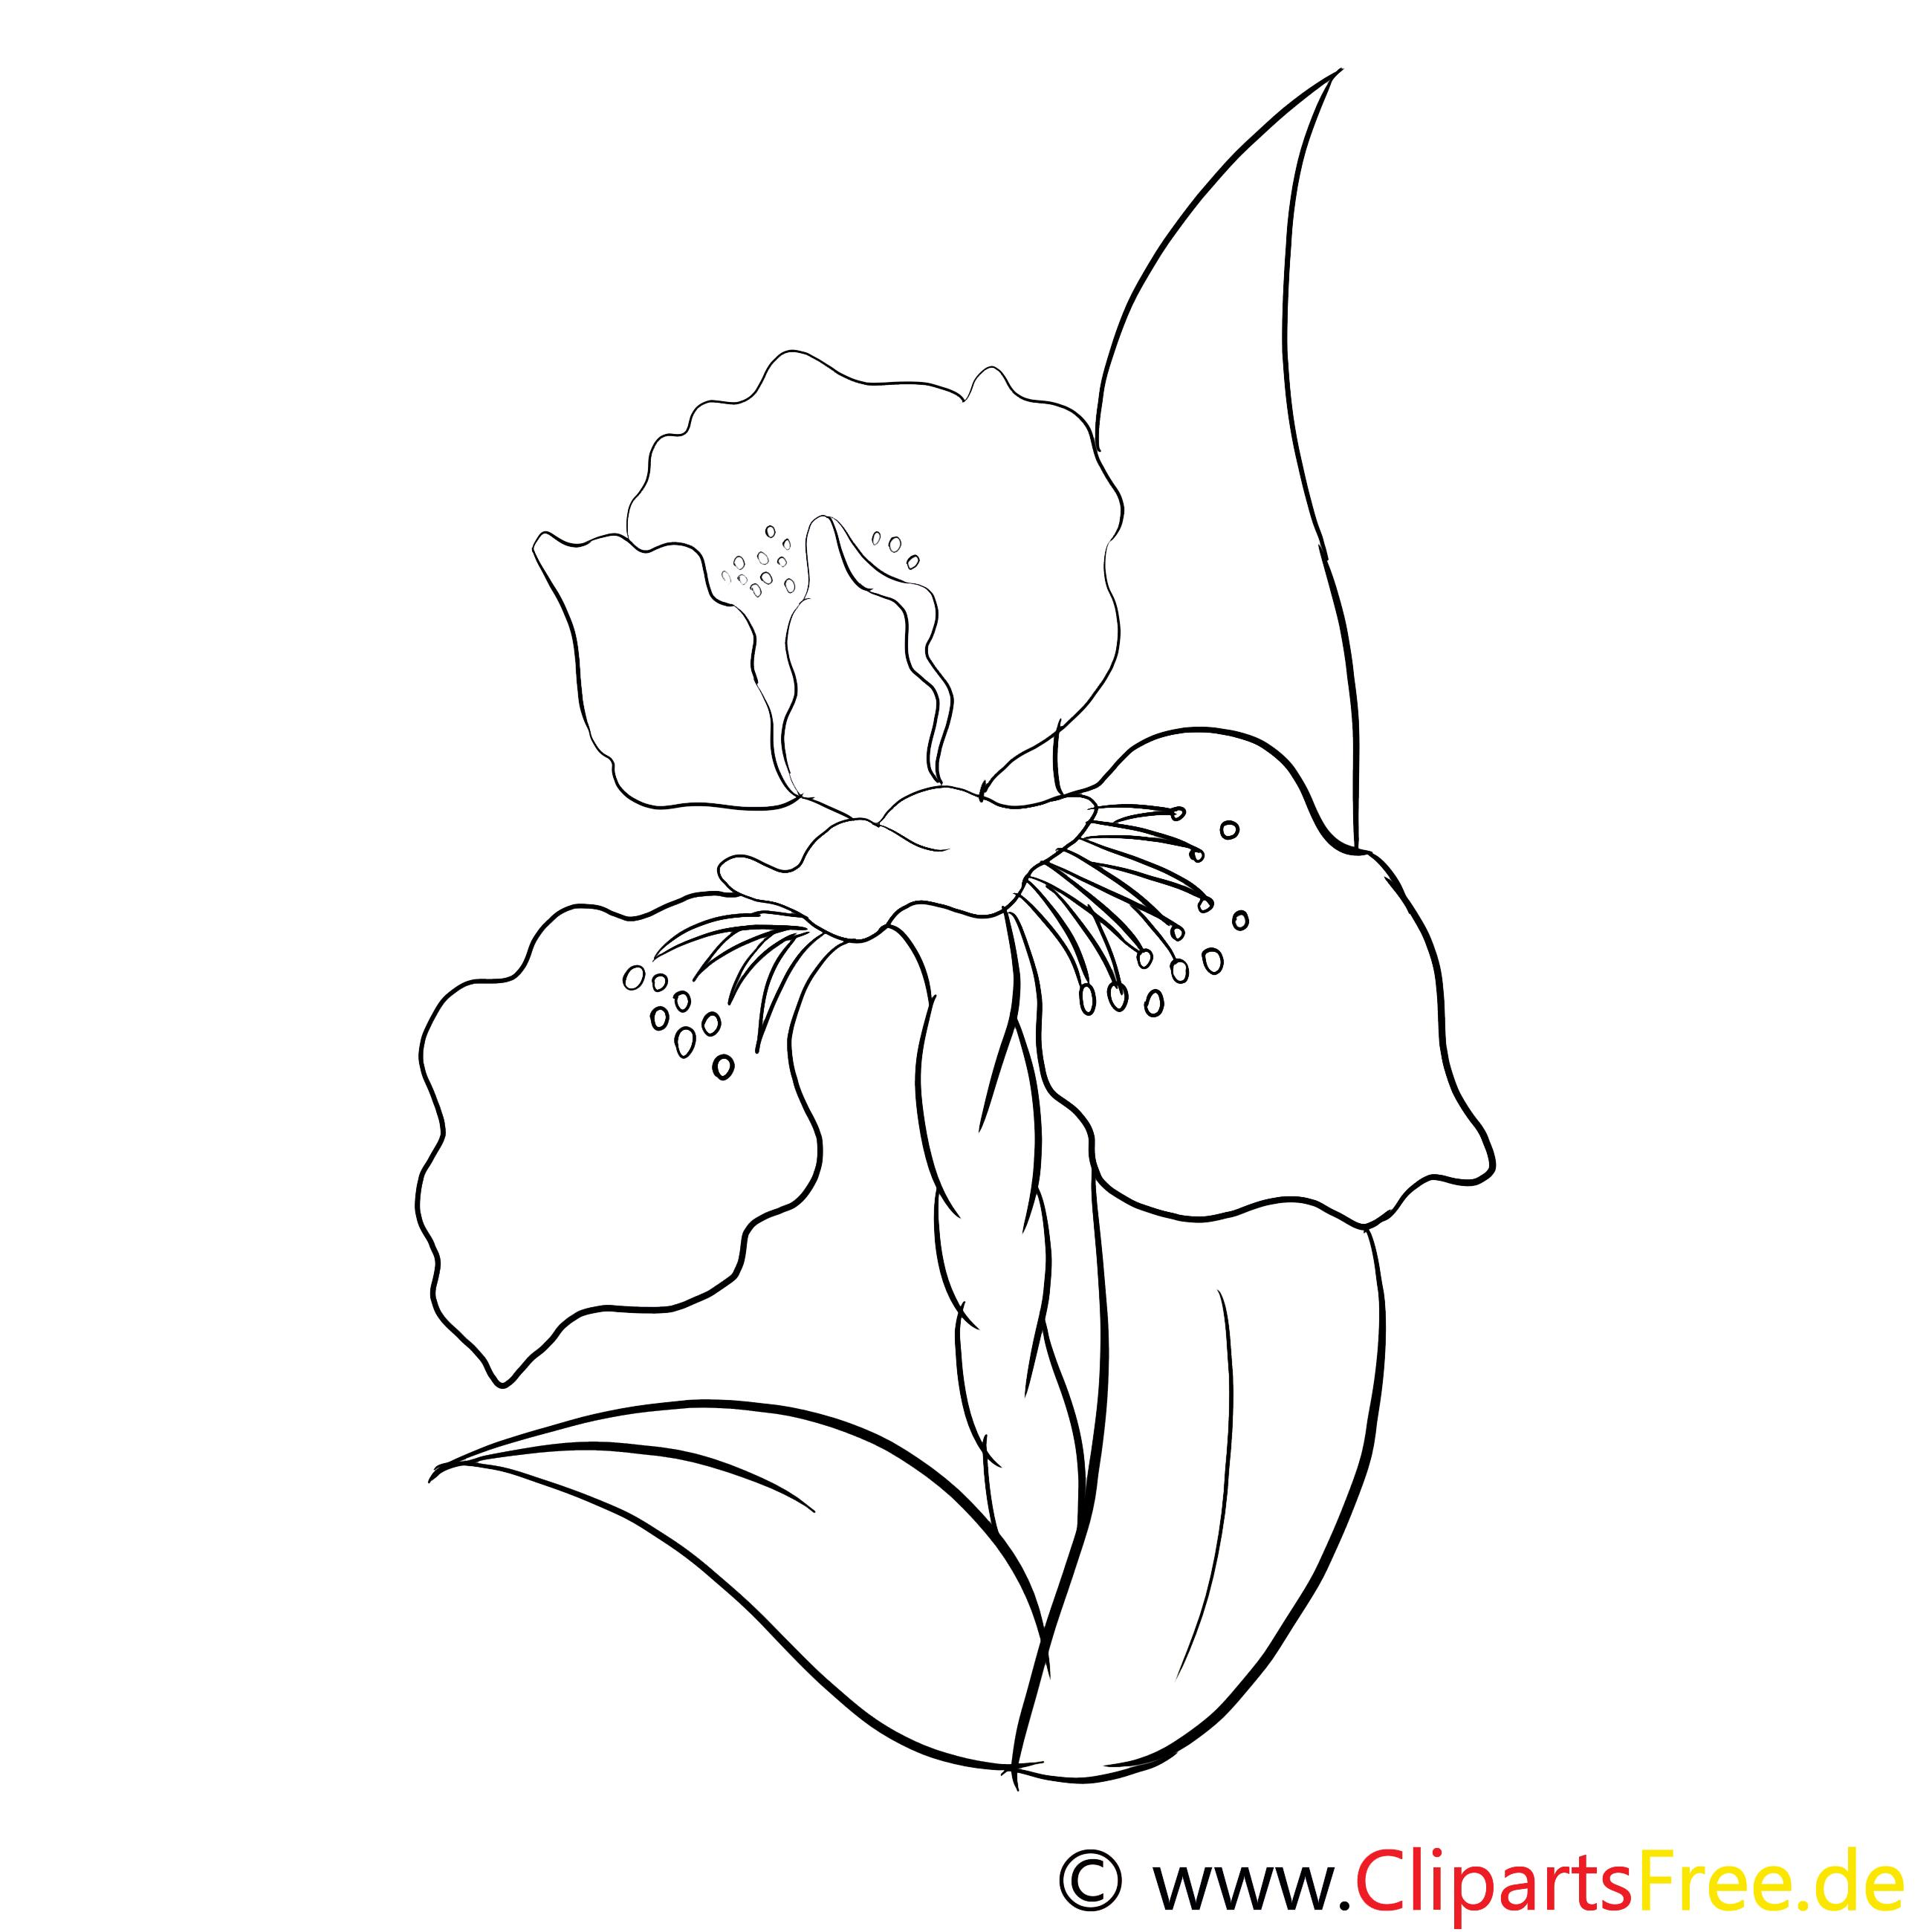 Malvorlage Blume zum Ausmalen